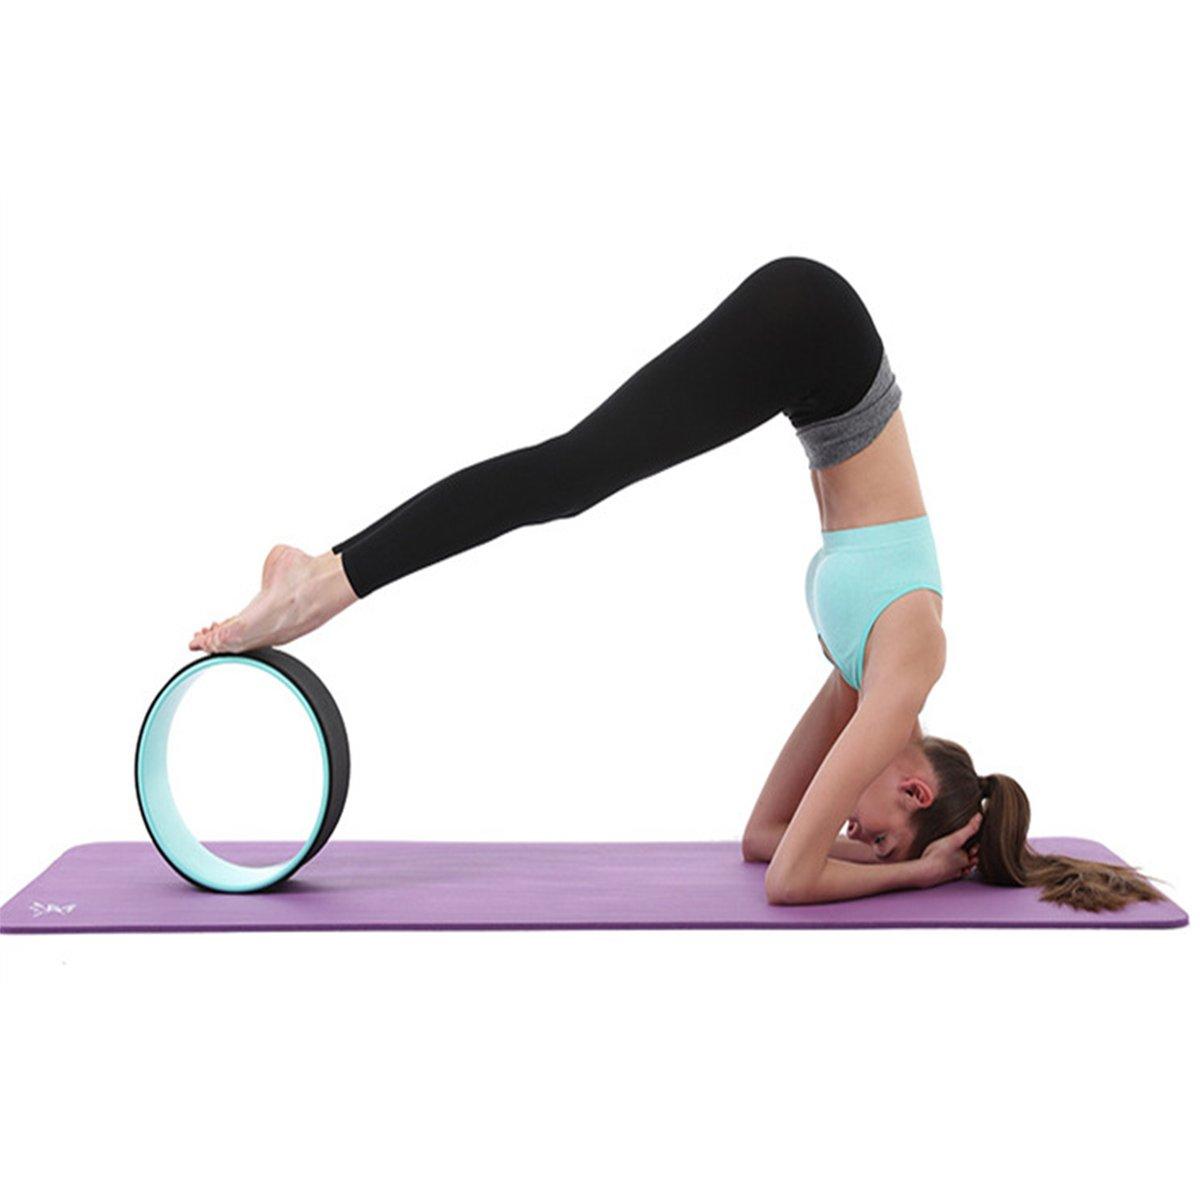 Yoga rueda más cómodo yoga Prop Dharma rueda, accesorio ...